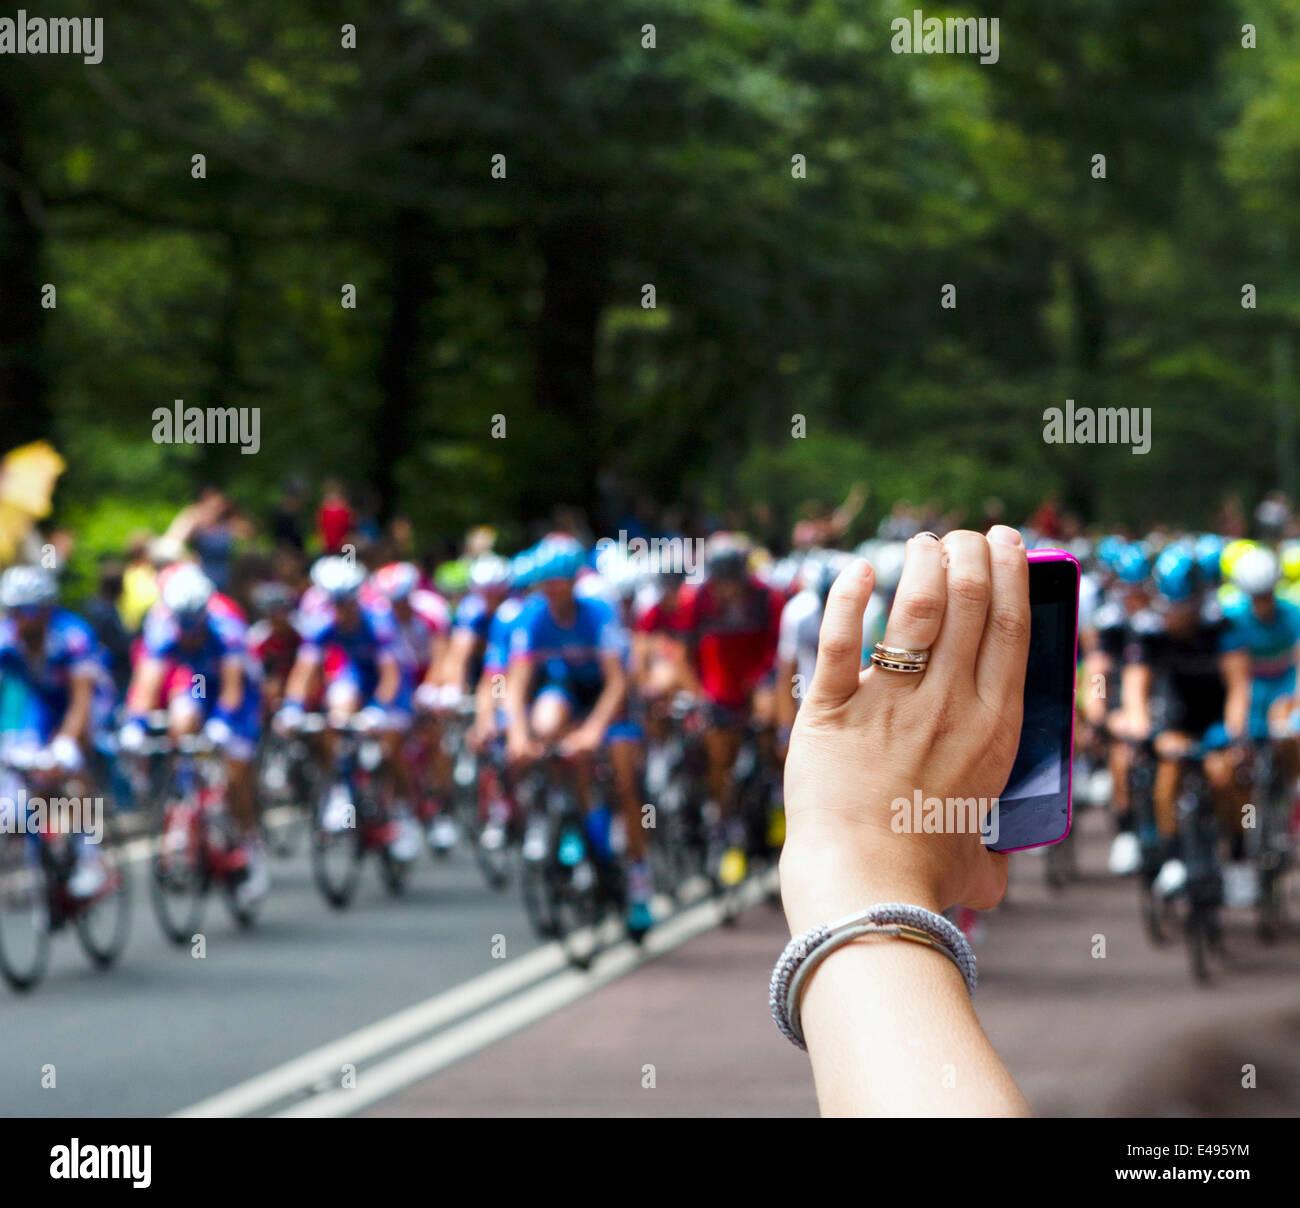 Mujer toma una foto con un smartphone de la Holmfirth peleton acercándose en la etapa 2 del Tour de Francia Imagen De Stock